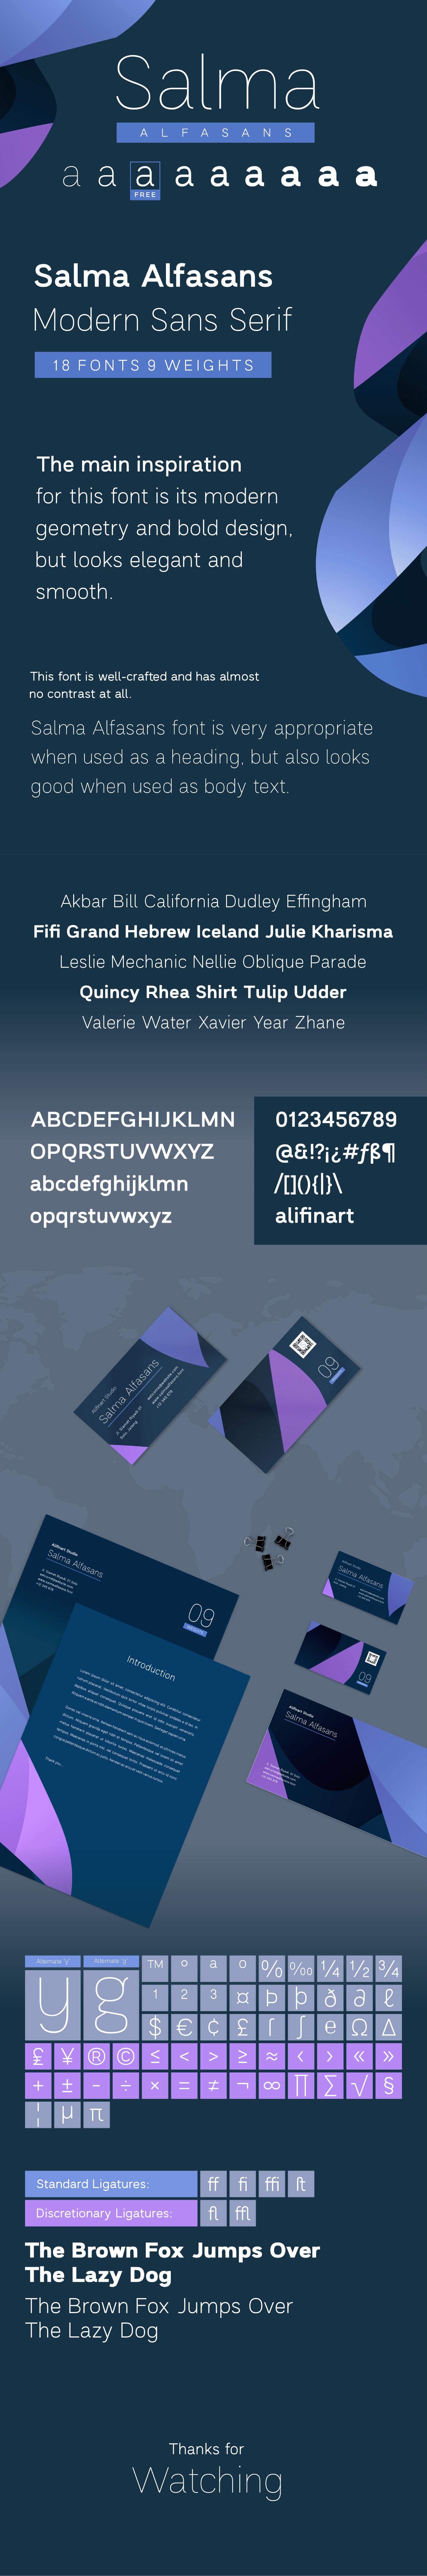 Display font free freebie logo poster sans serif serif type Typeface